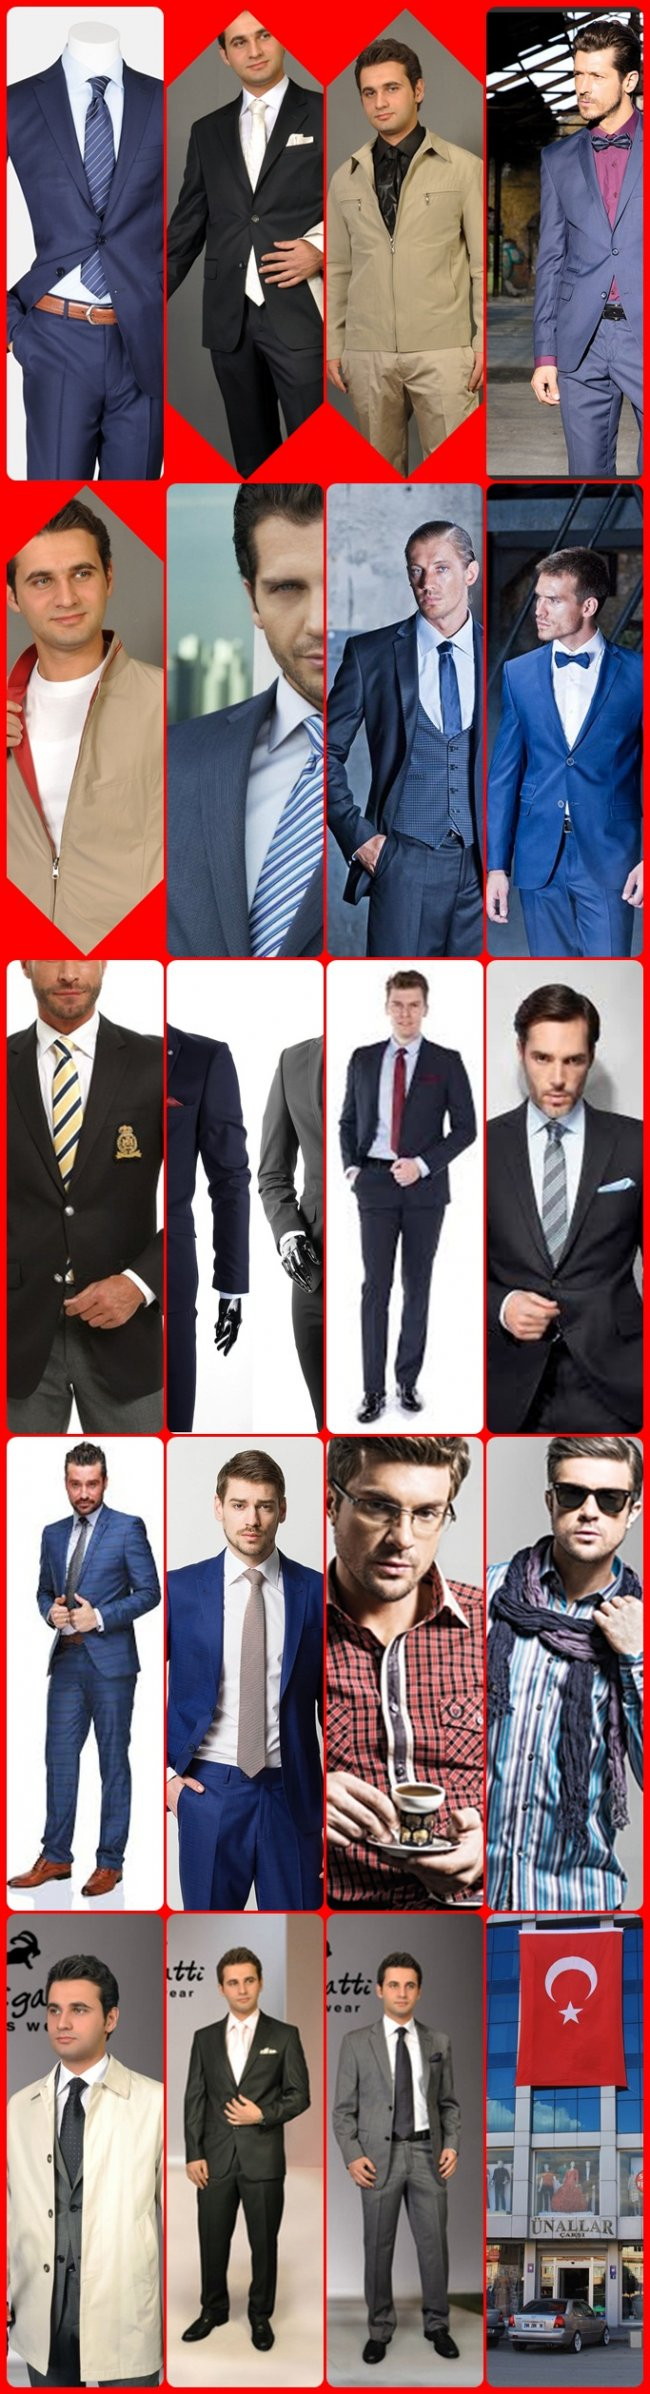 takim-elbiseler1.jpg